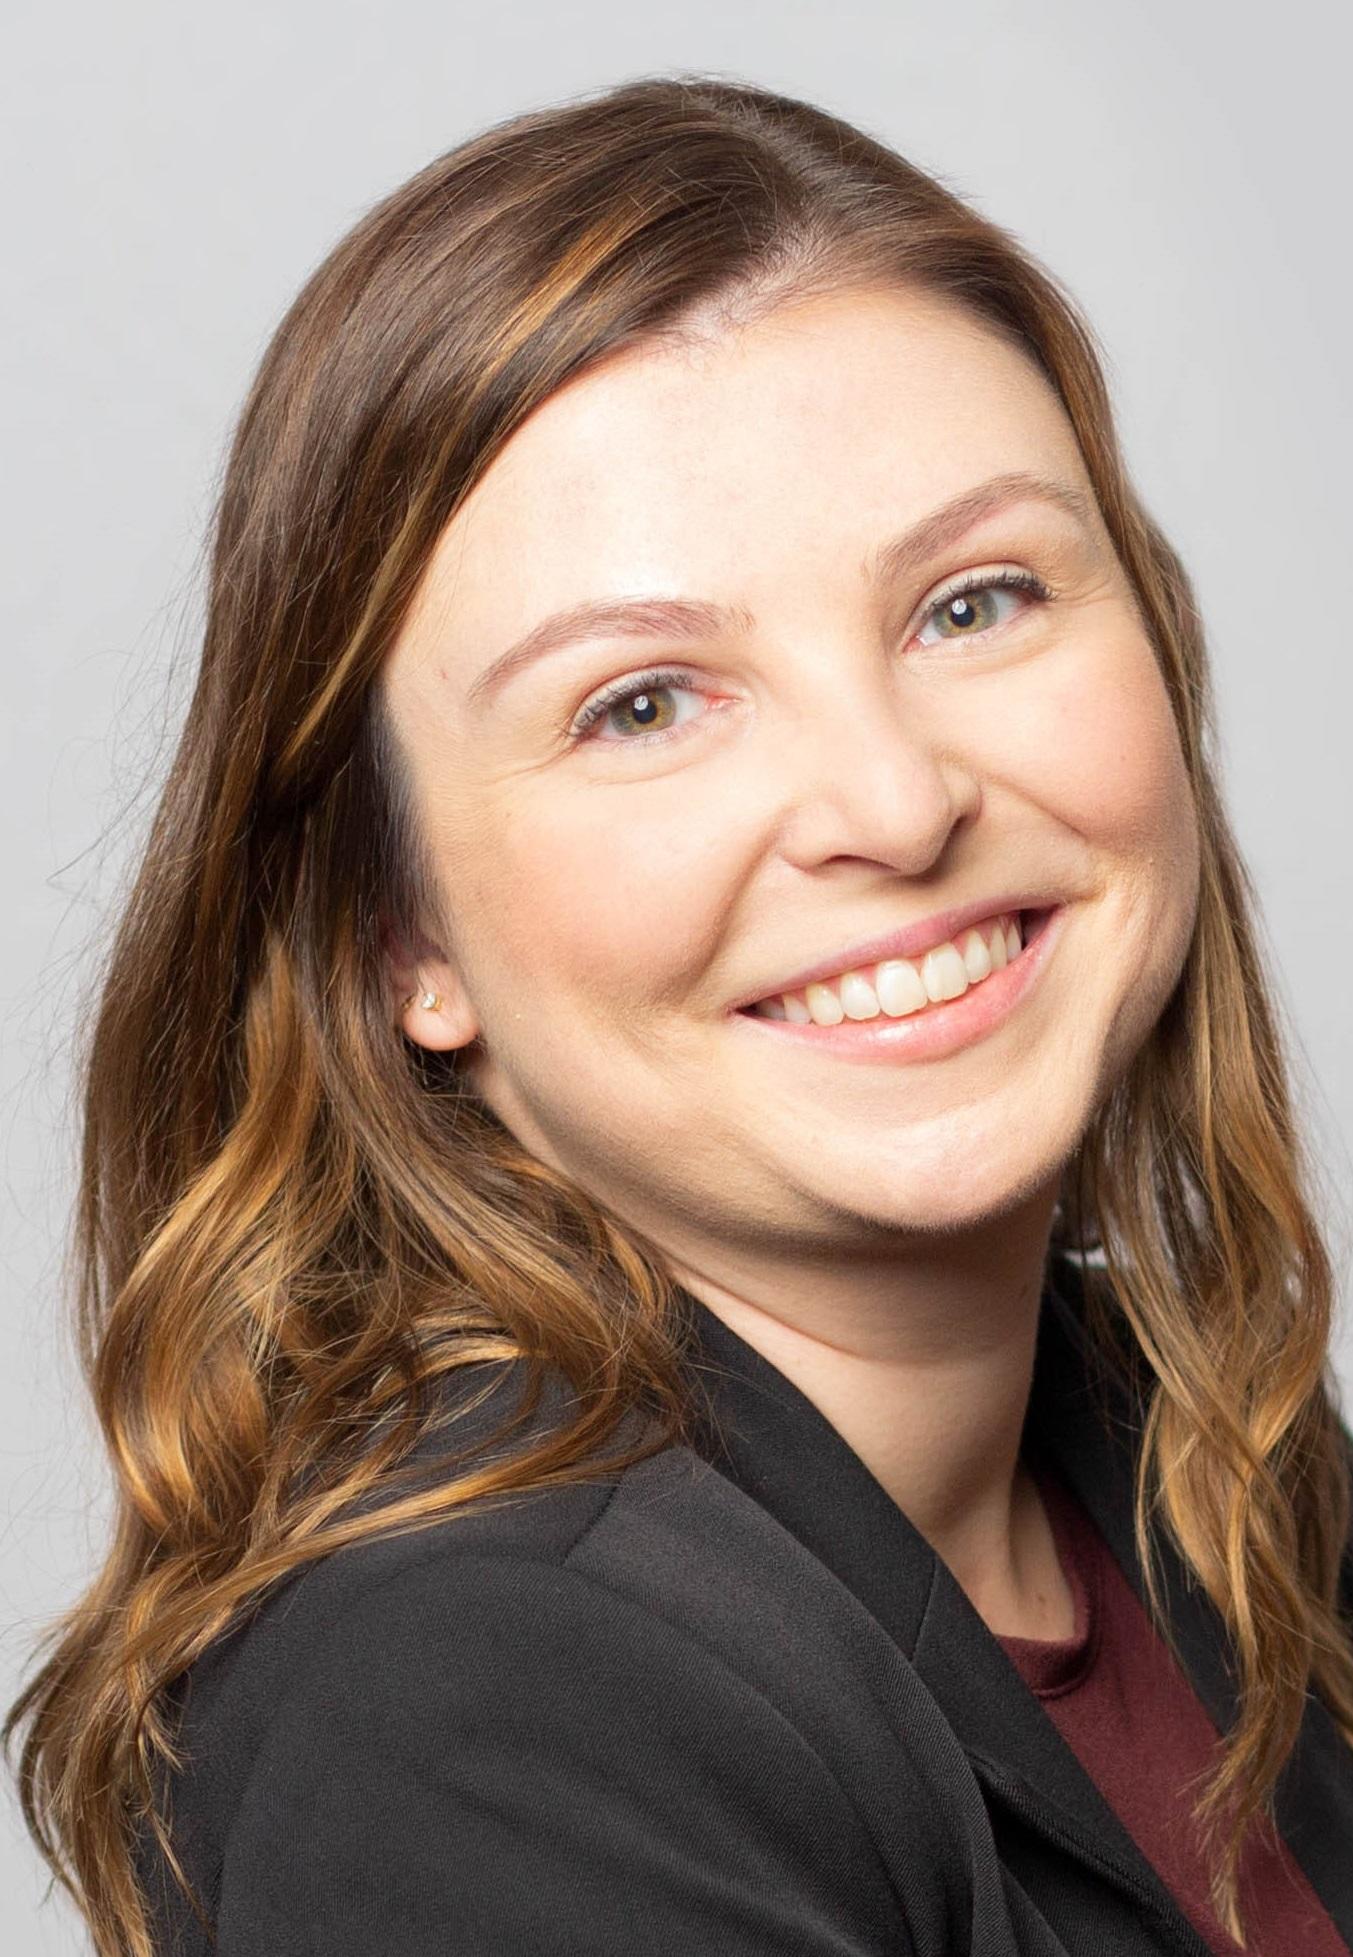 Sabrina Peterman